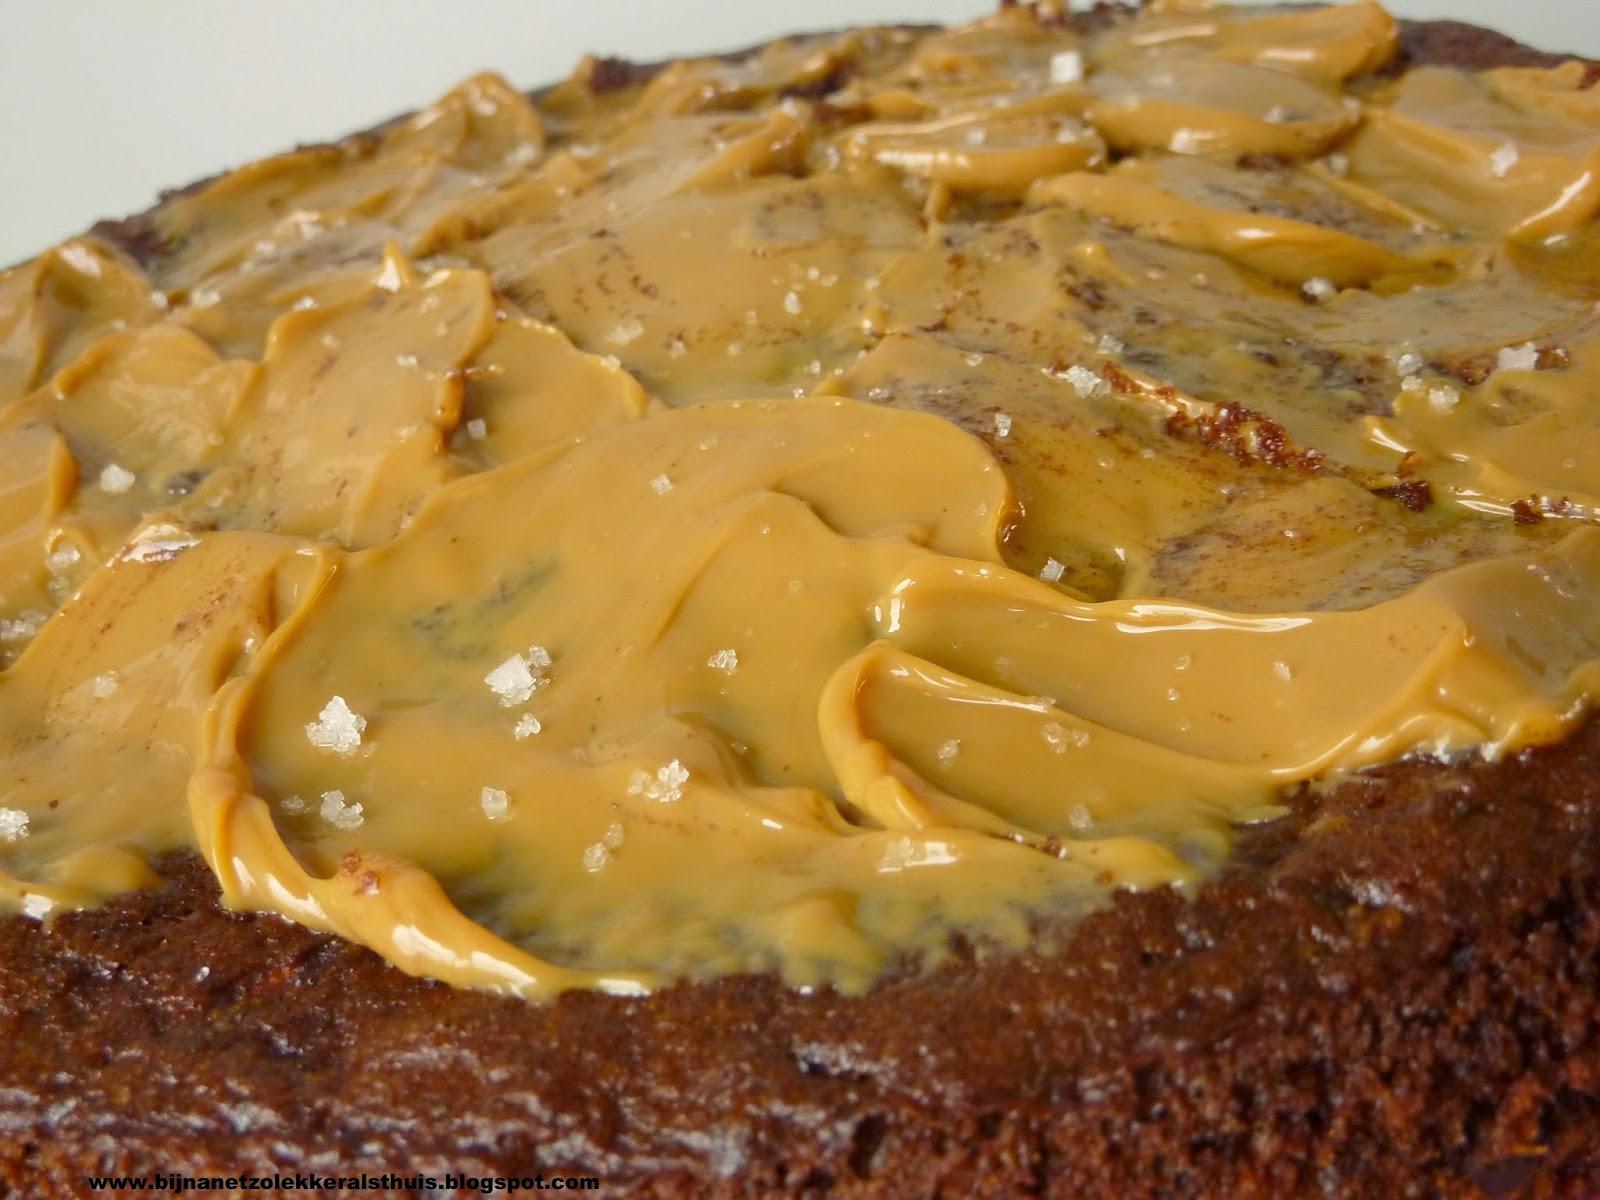 afbeelding-taart-gezouten-karamel